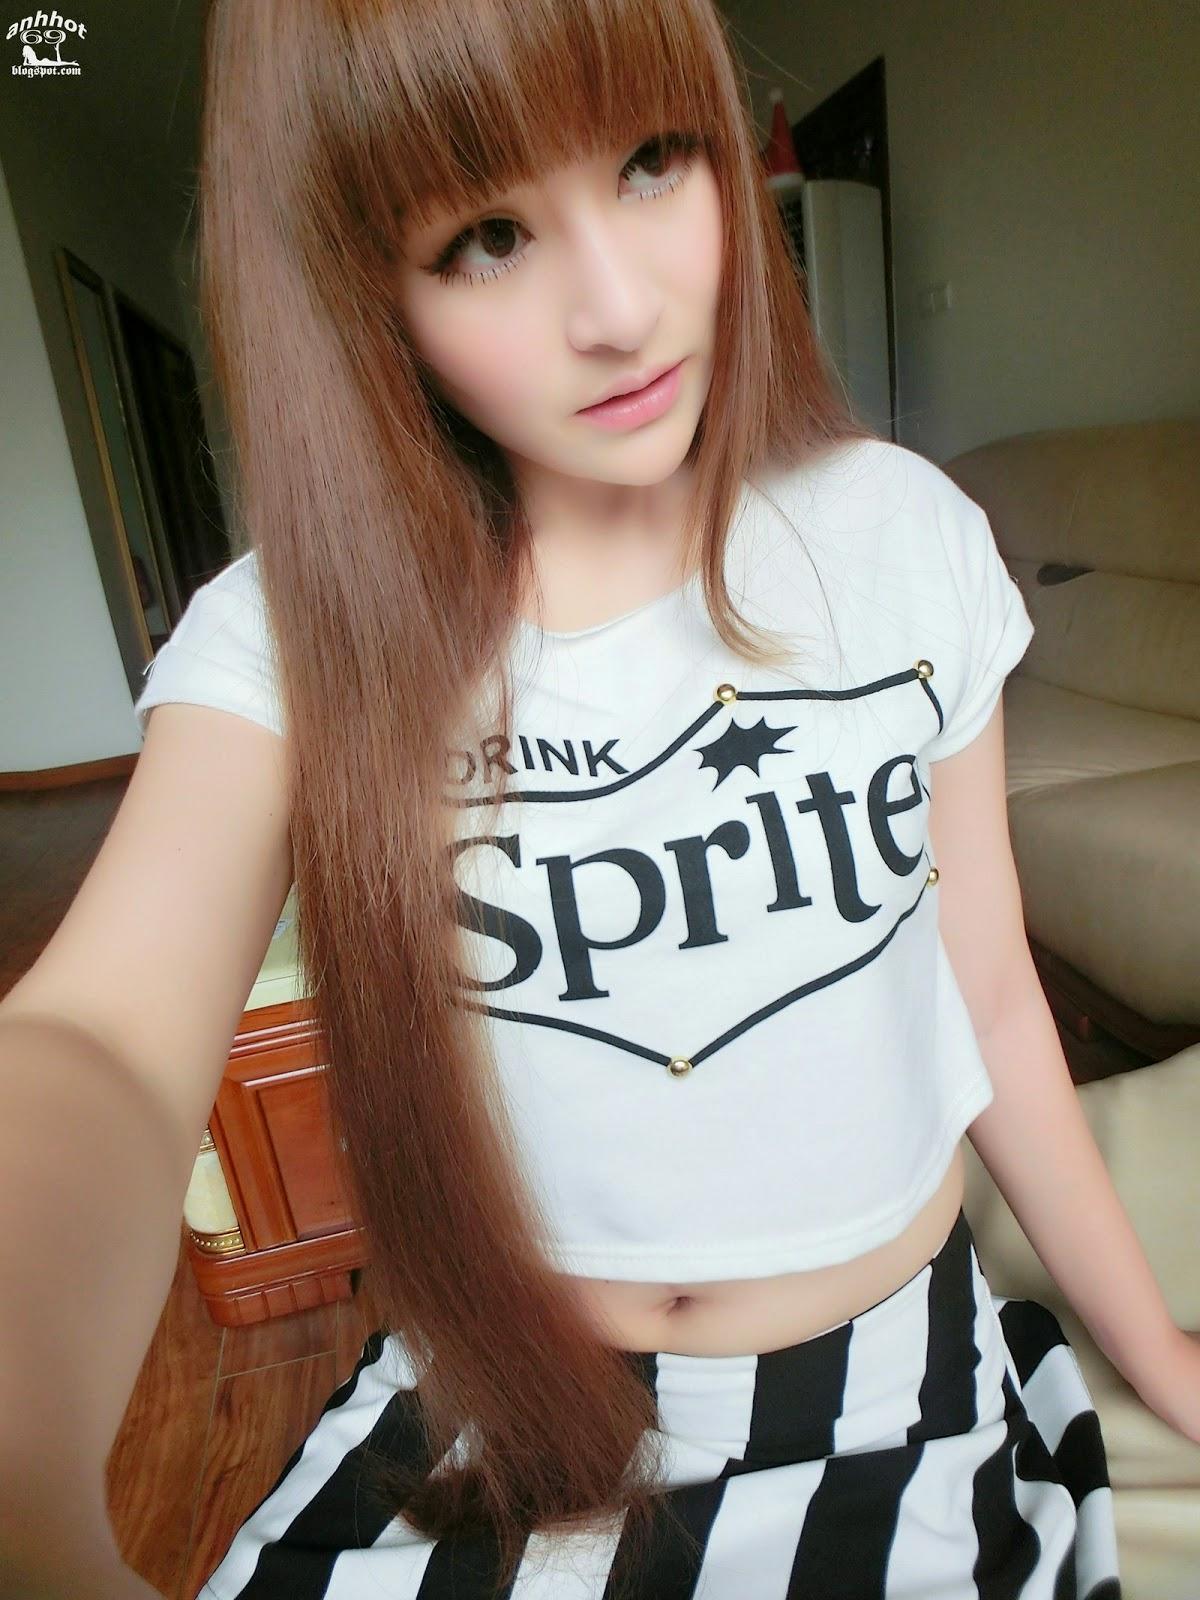 Suxia_h5_11749169260735243do